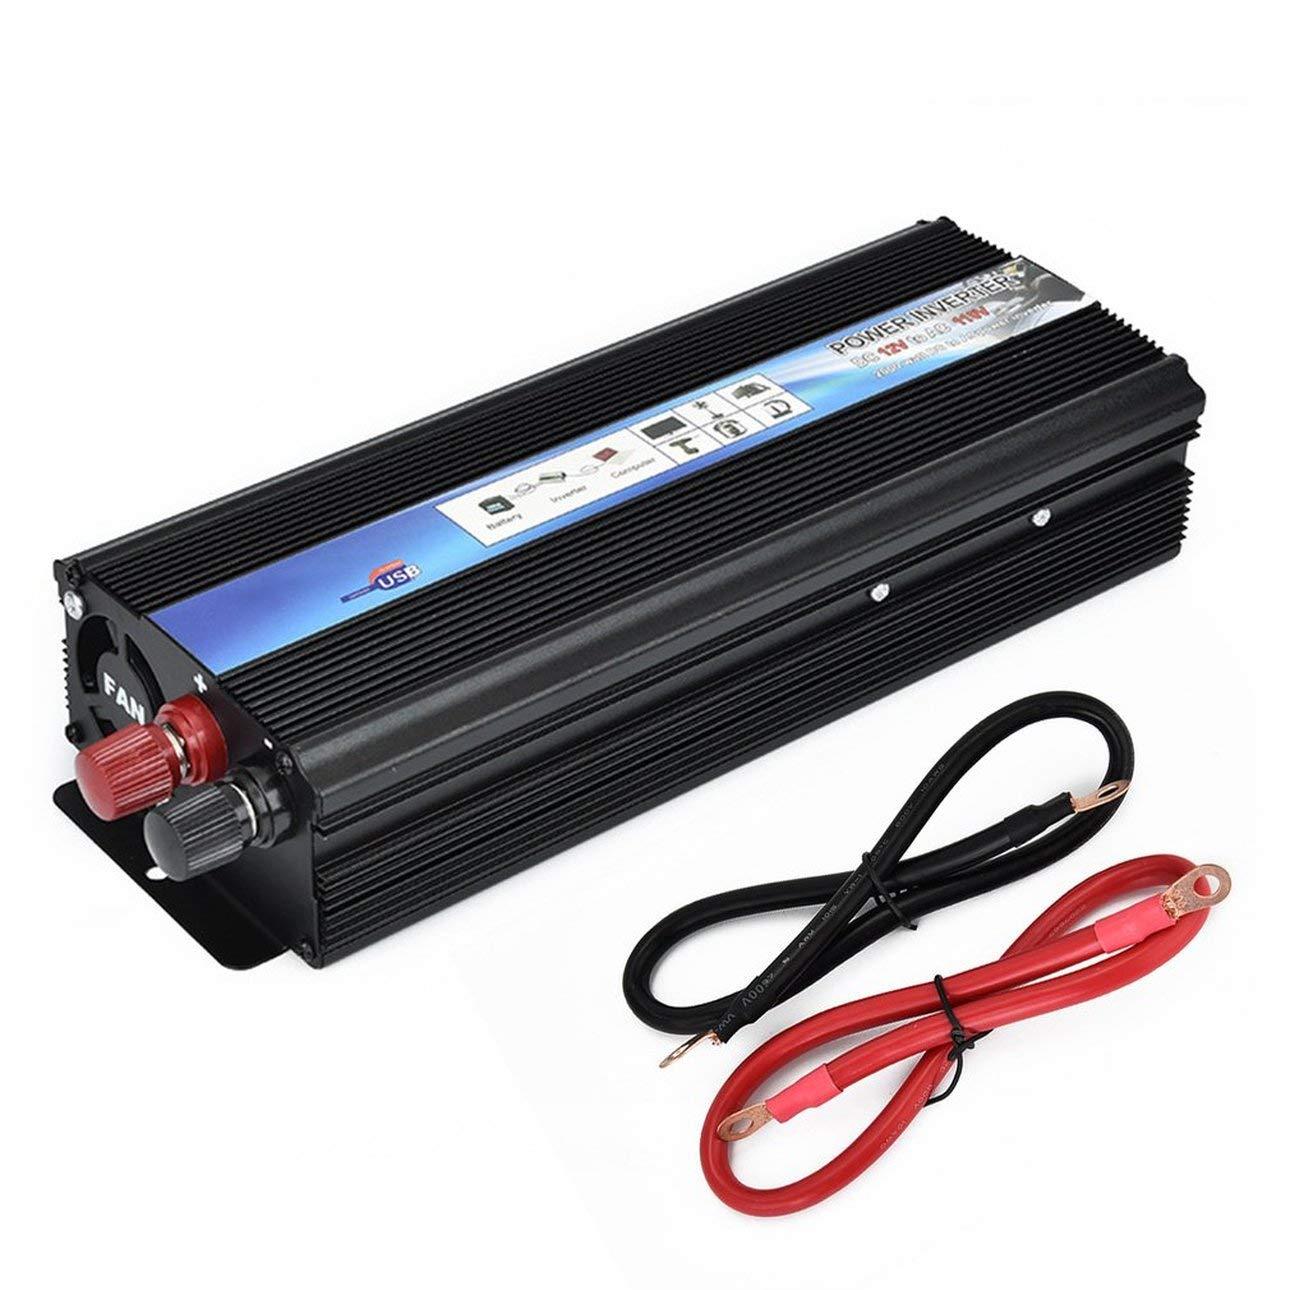 Liobaba 12V DC to AC 110V/220V Auto Inverter 2000W Car Power Modified Sine Wave Inverter(Color:Black)